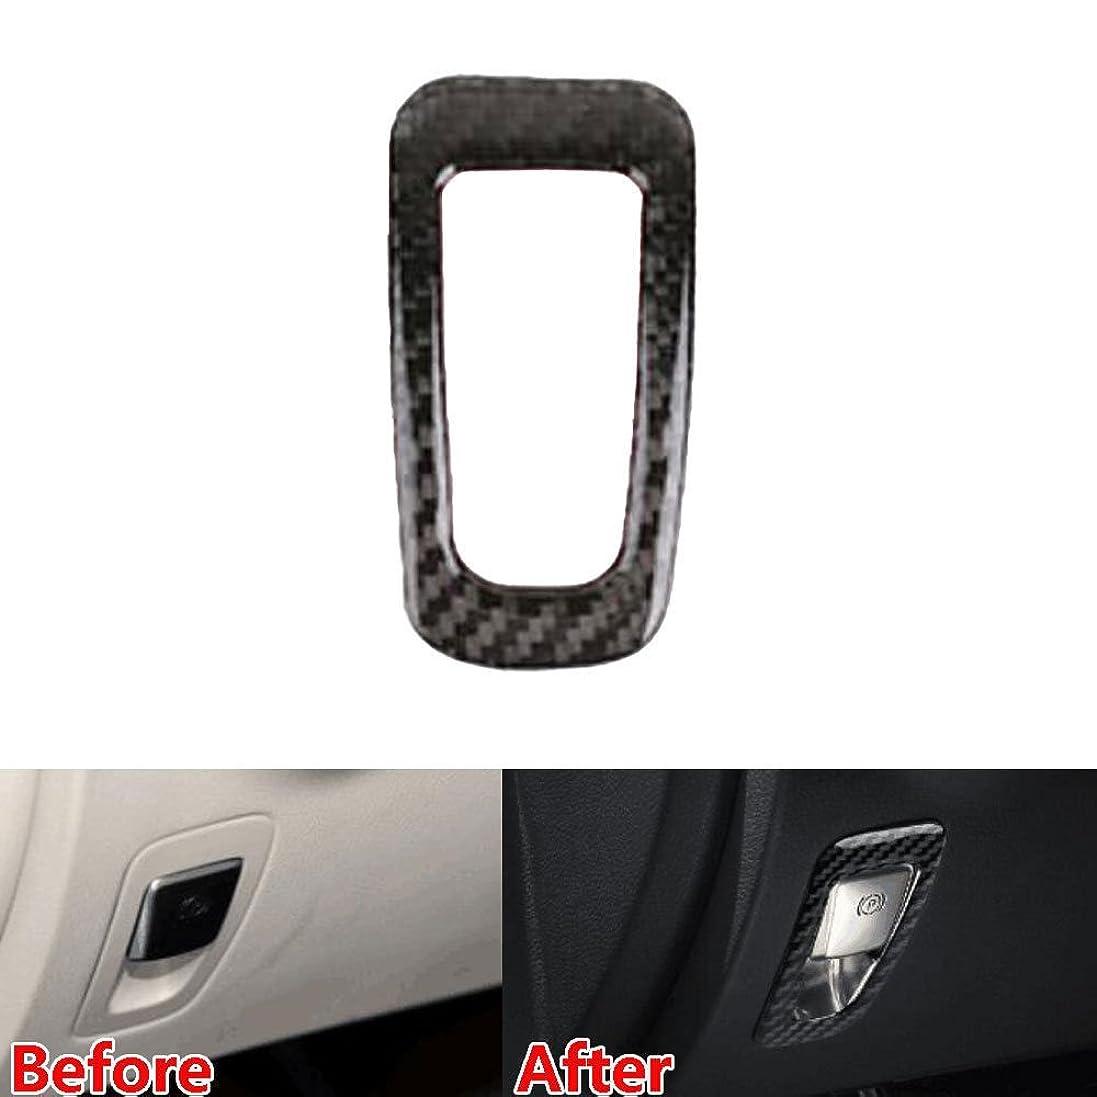 ハンバーガー虚栄心修羅場Jicorzo - Car Electronic Handbrake Frame Cover Trim Decor Interior Car-Styling Sticker For Mercedes Benz GLA Class 2016 17 Car Accessories